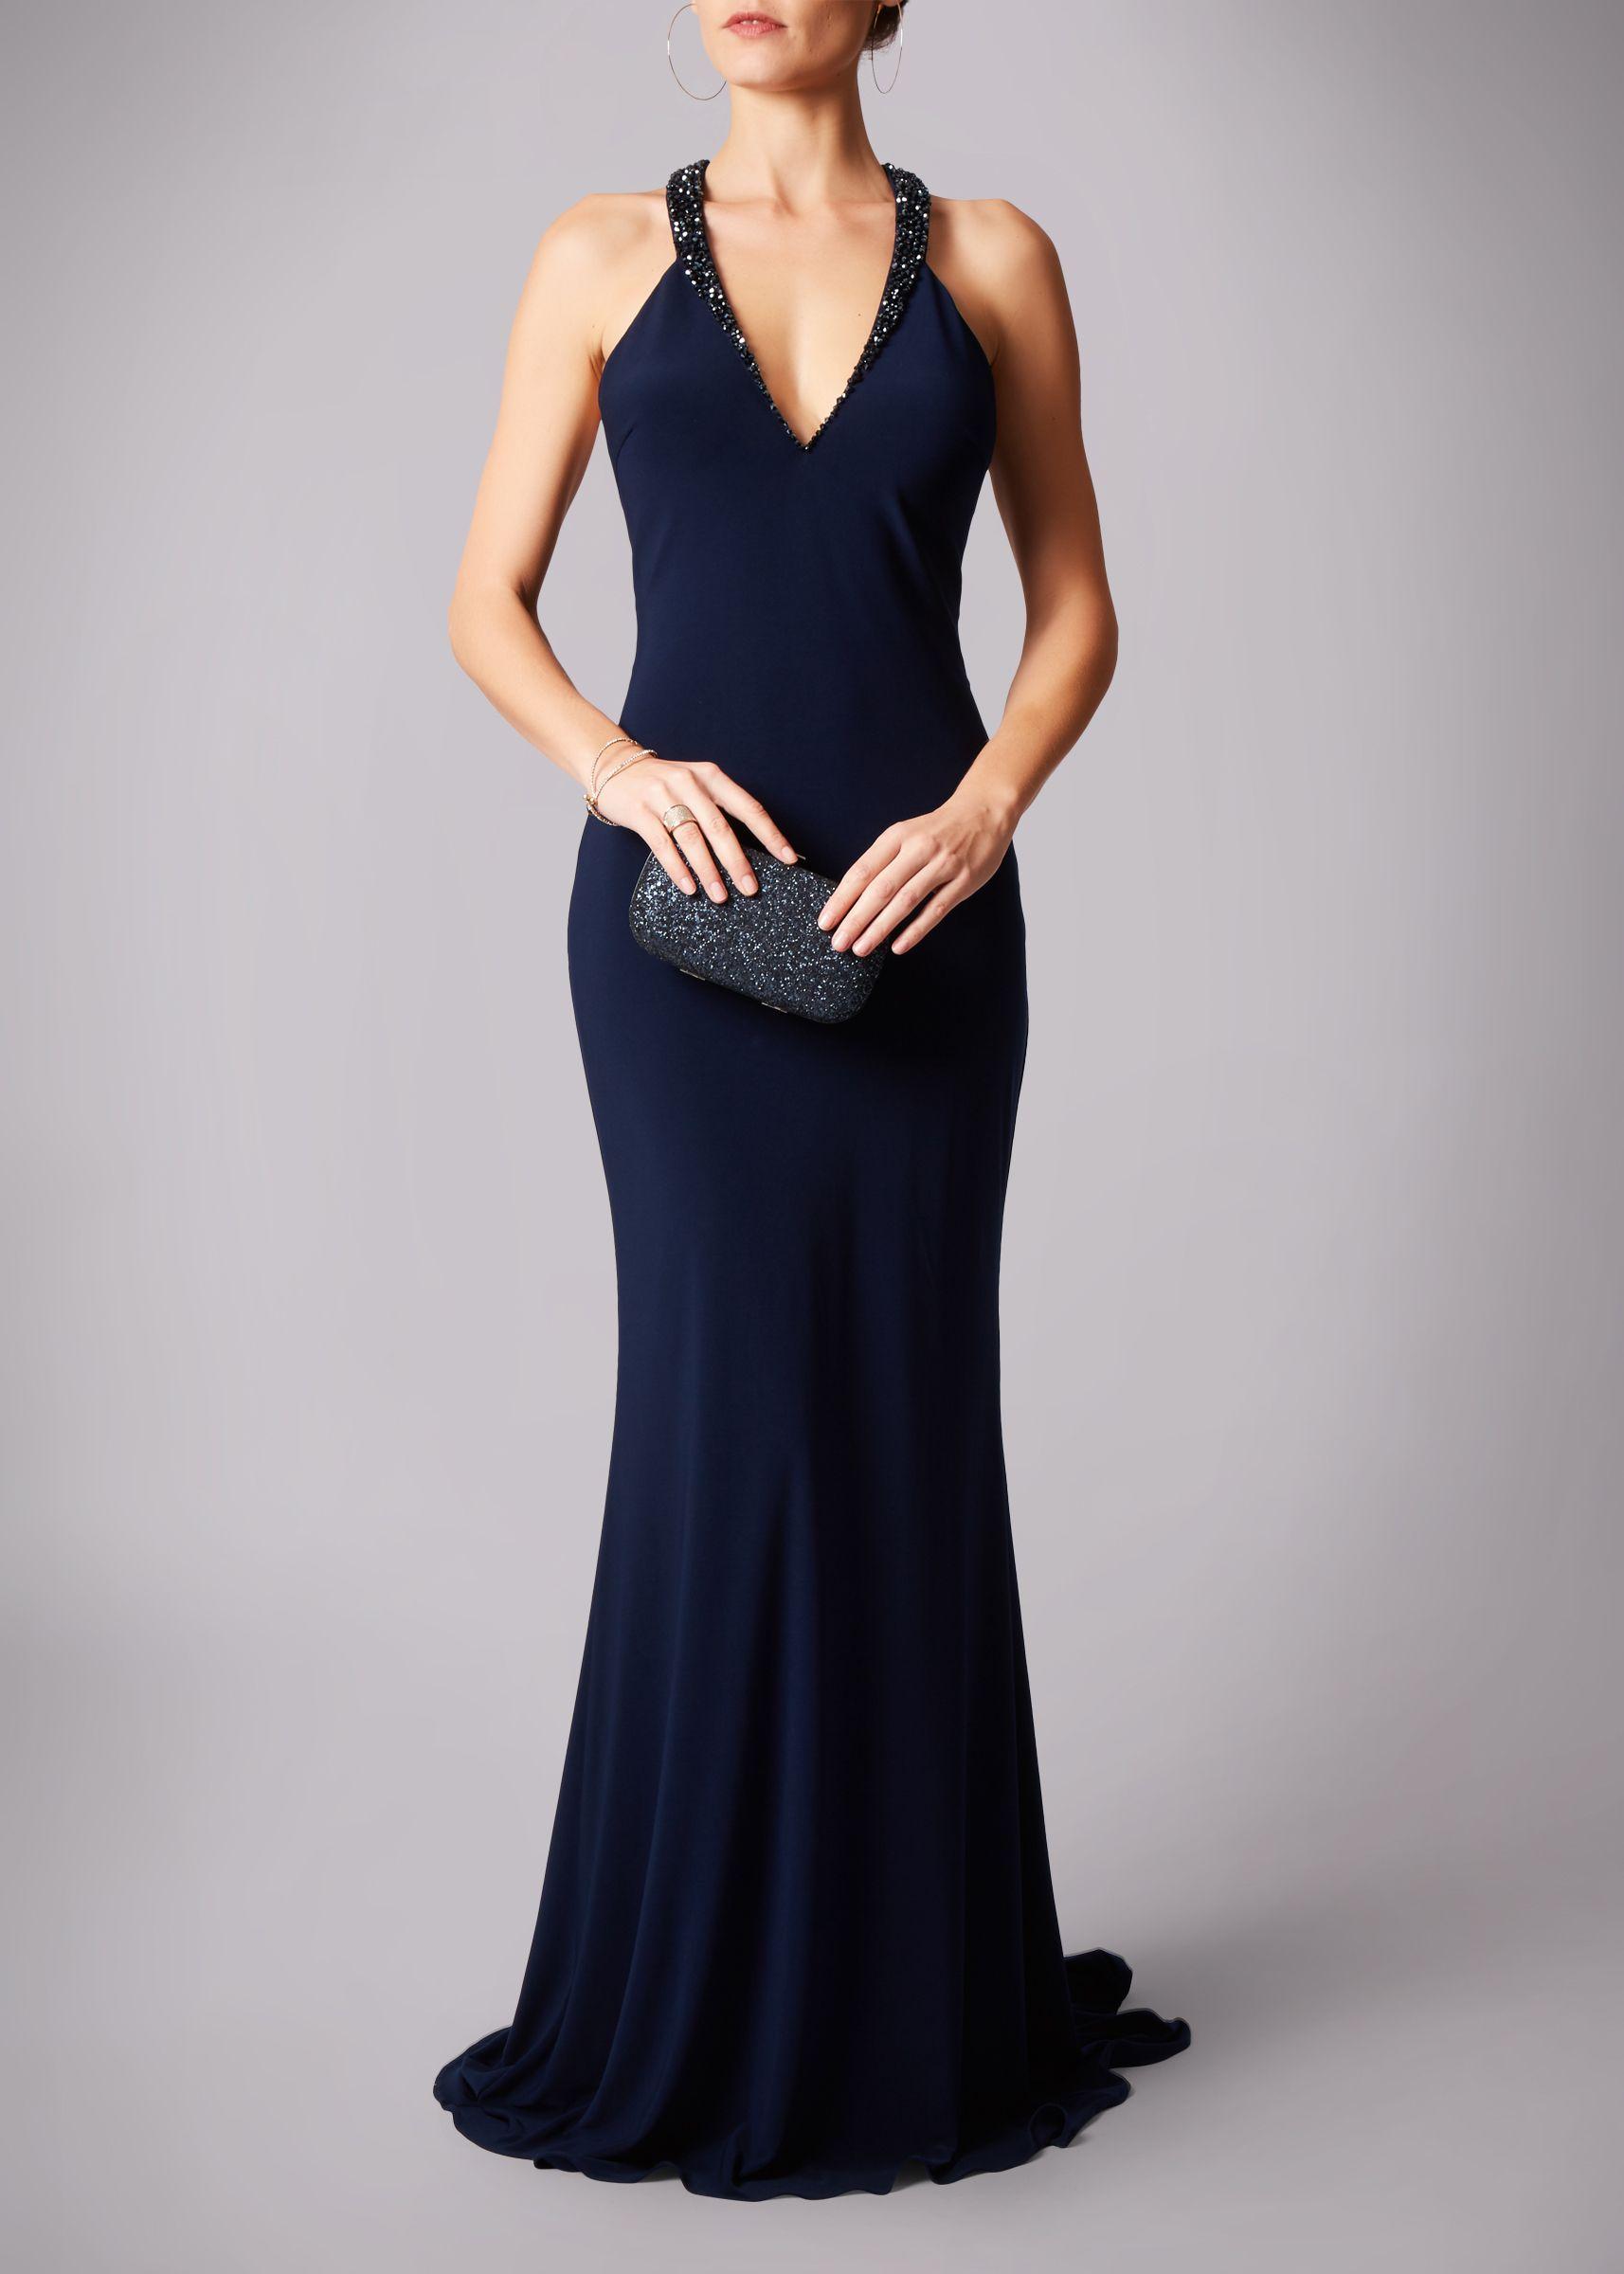 gala jurk lang